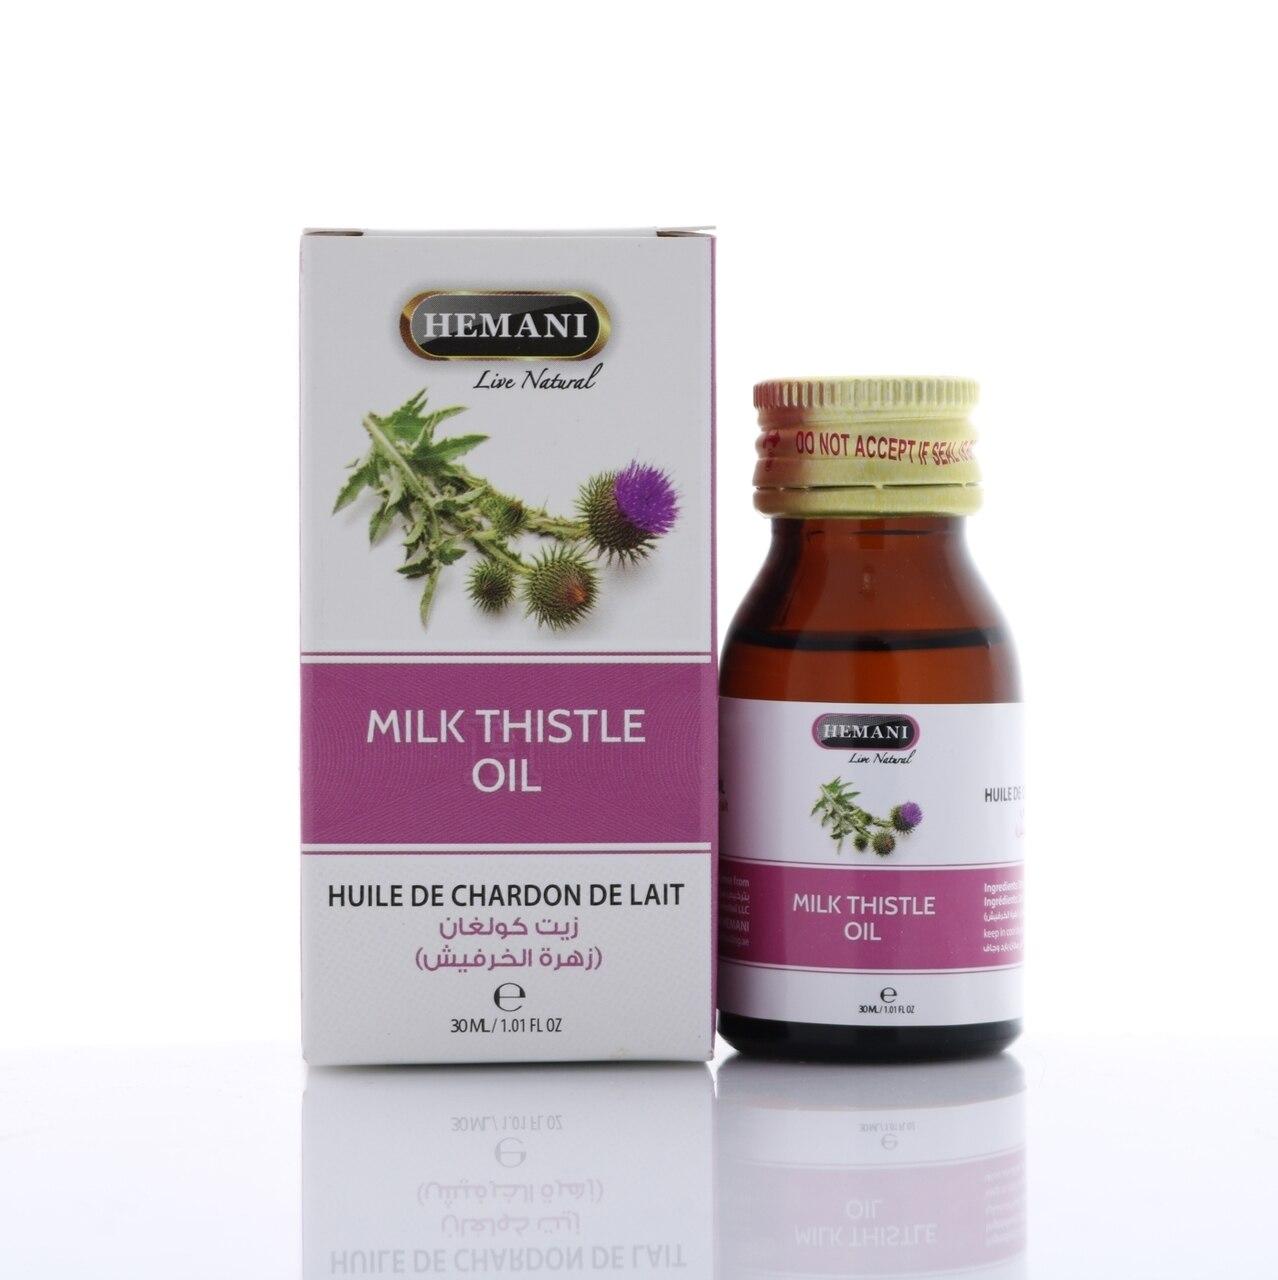 milk thistle oil hermani